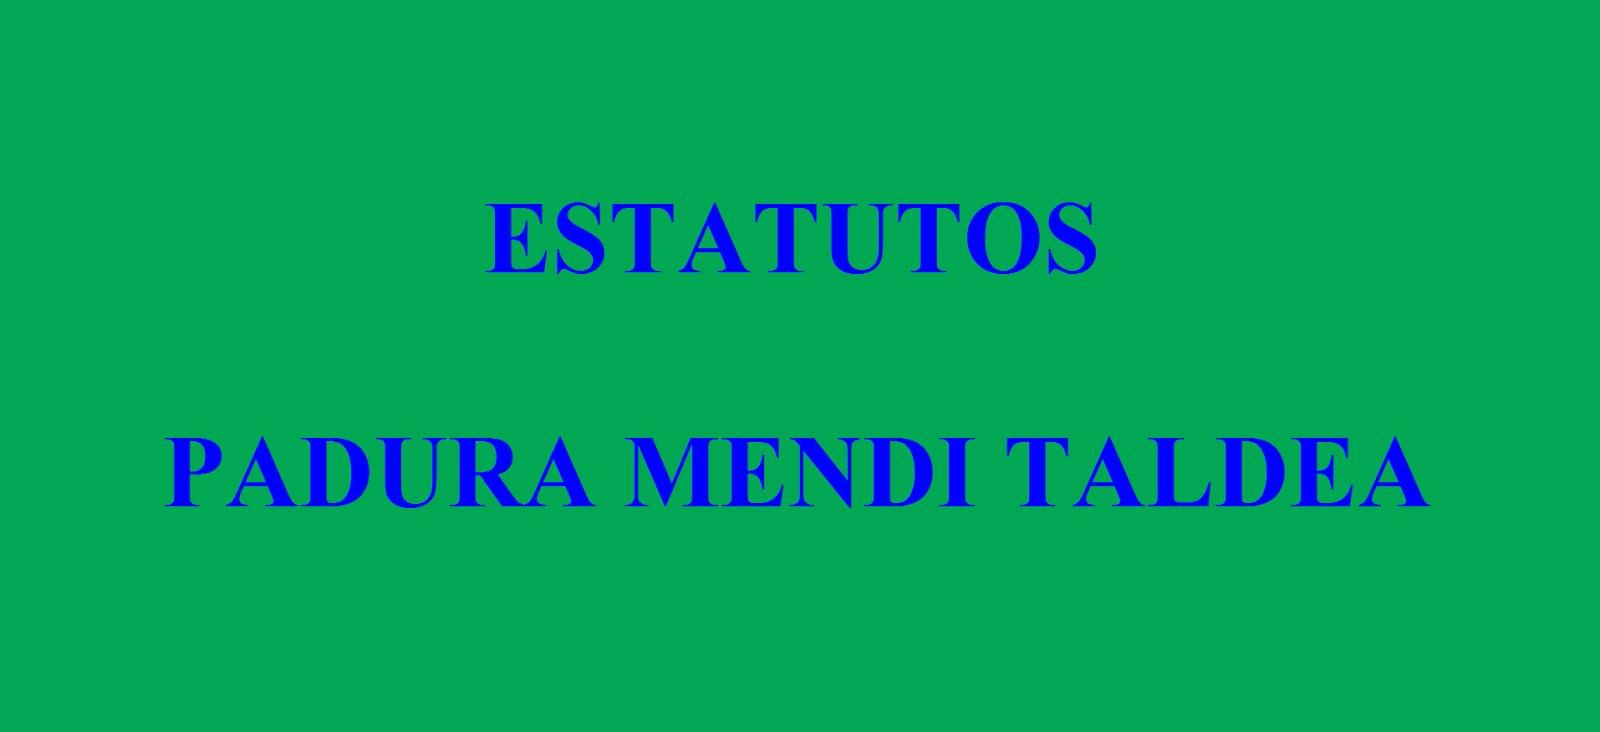 ESTATUTOS PADURA MENDI TALDEA